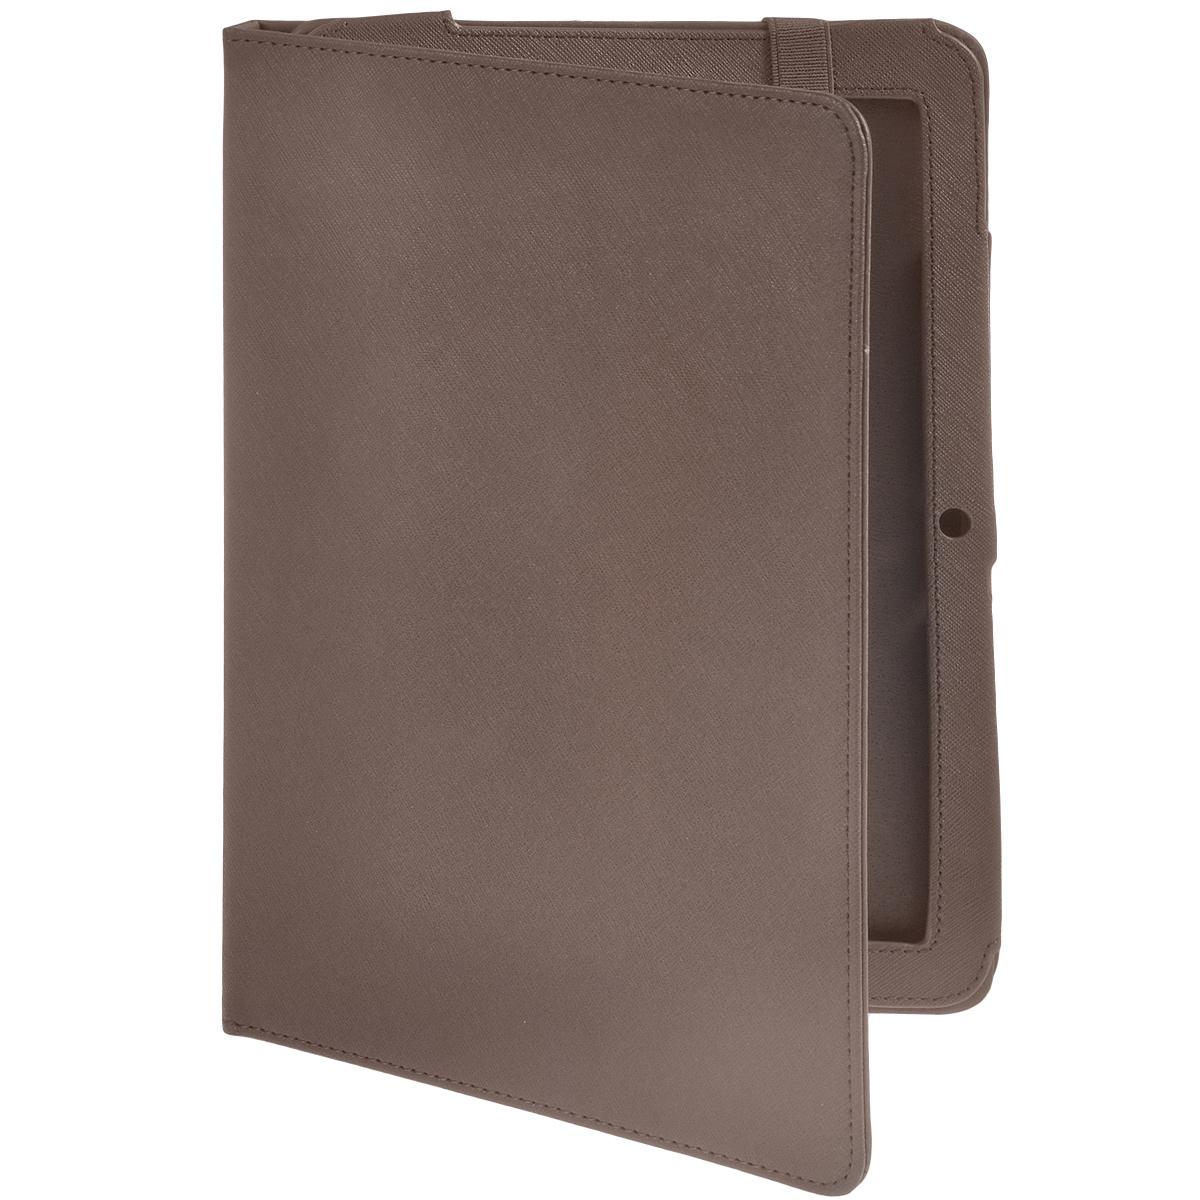 IT Baggage поворотный чехол для Acer Iconia Tab A3, BrownITACA31-2Поворотный чехол IT Baggage для Acer Iconia Tab A3 - это стильный и лаконичный аксессуар, позволяющий сохранить планшет в идеальном состоянии. Надежно удерживая технику, обложка защищает корпус и дисплей от появления царапин, налипания пыли. Также чехол IT Baggage для Acer Iconia Tab A3 можно использовать как подставку для чтения или просмотра фильмов. Имеет свободный доступ ко всем разъемам устройства.